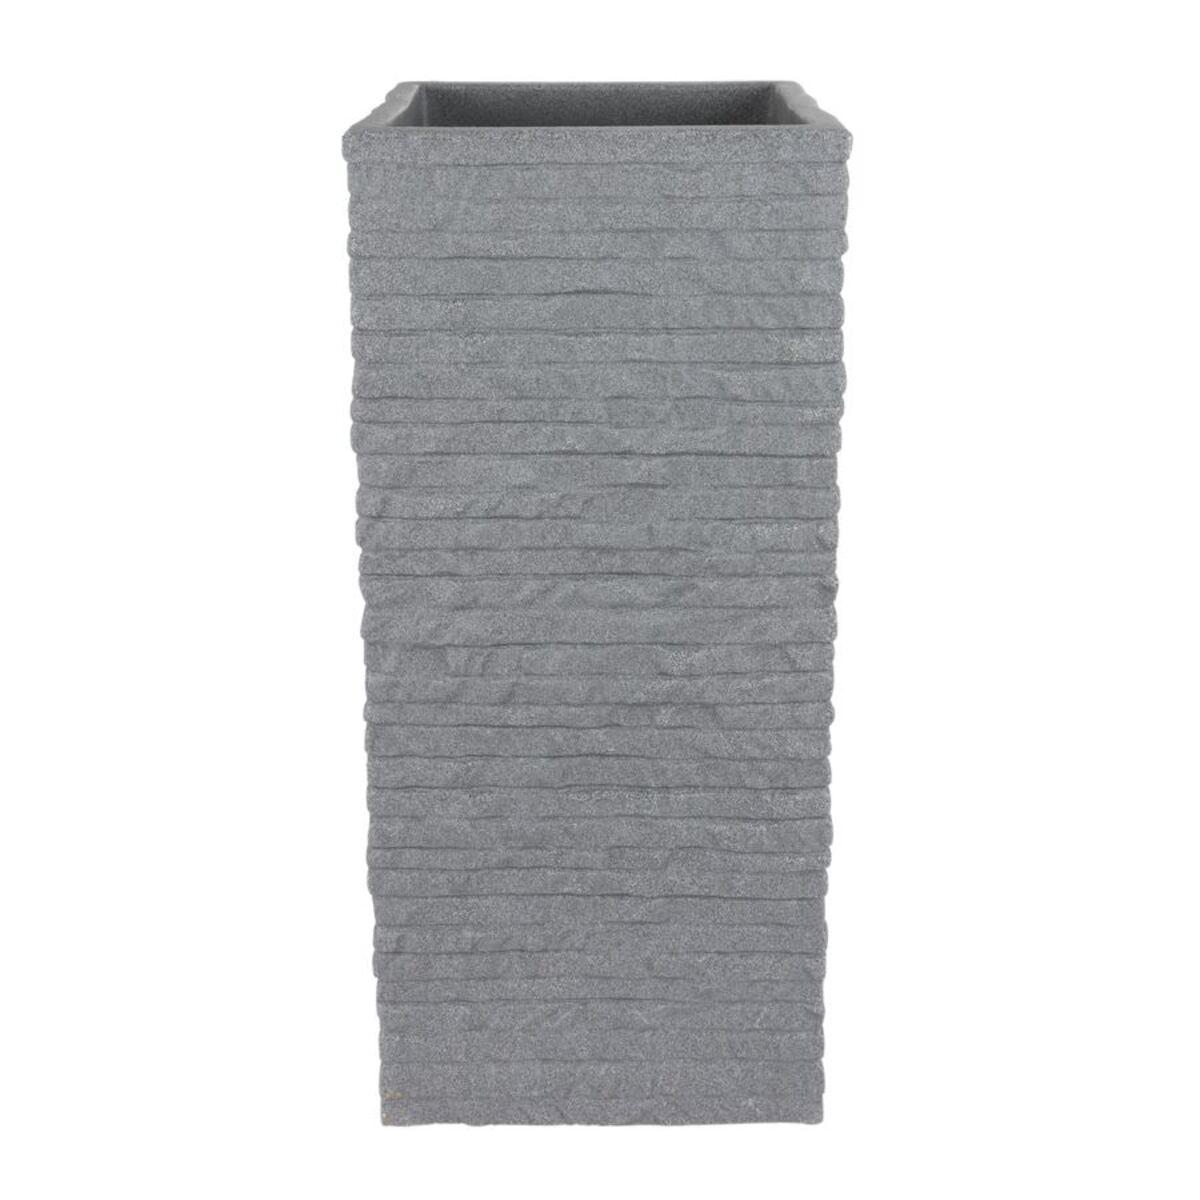 Bild 2 von Kubus Ziegel-Säulentopf 26x26x60cm Grau